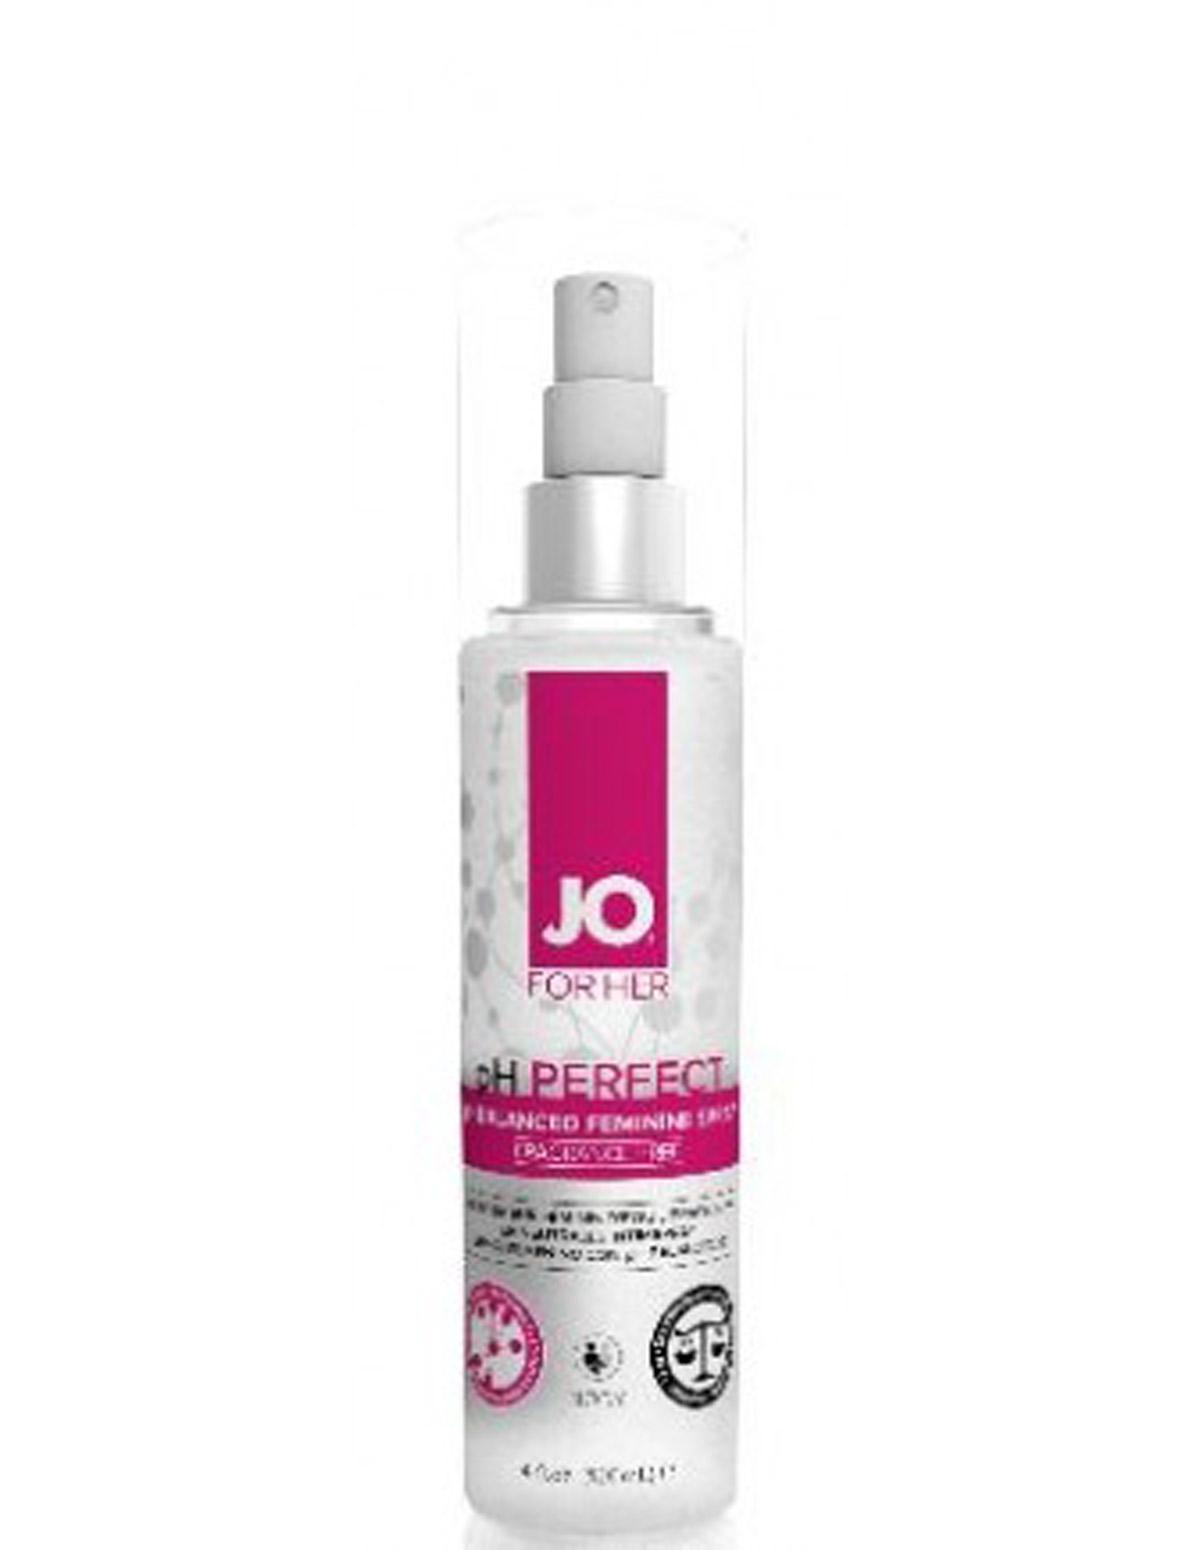 Ph Perfect Daily Ph Balance Spray